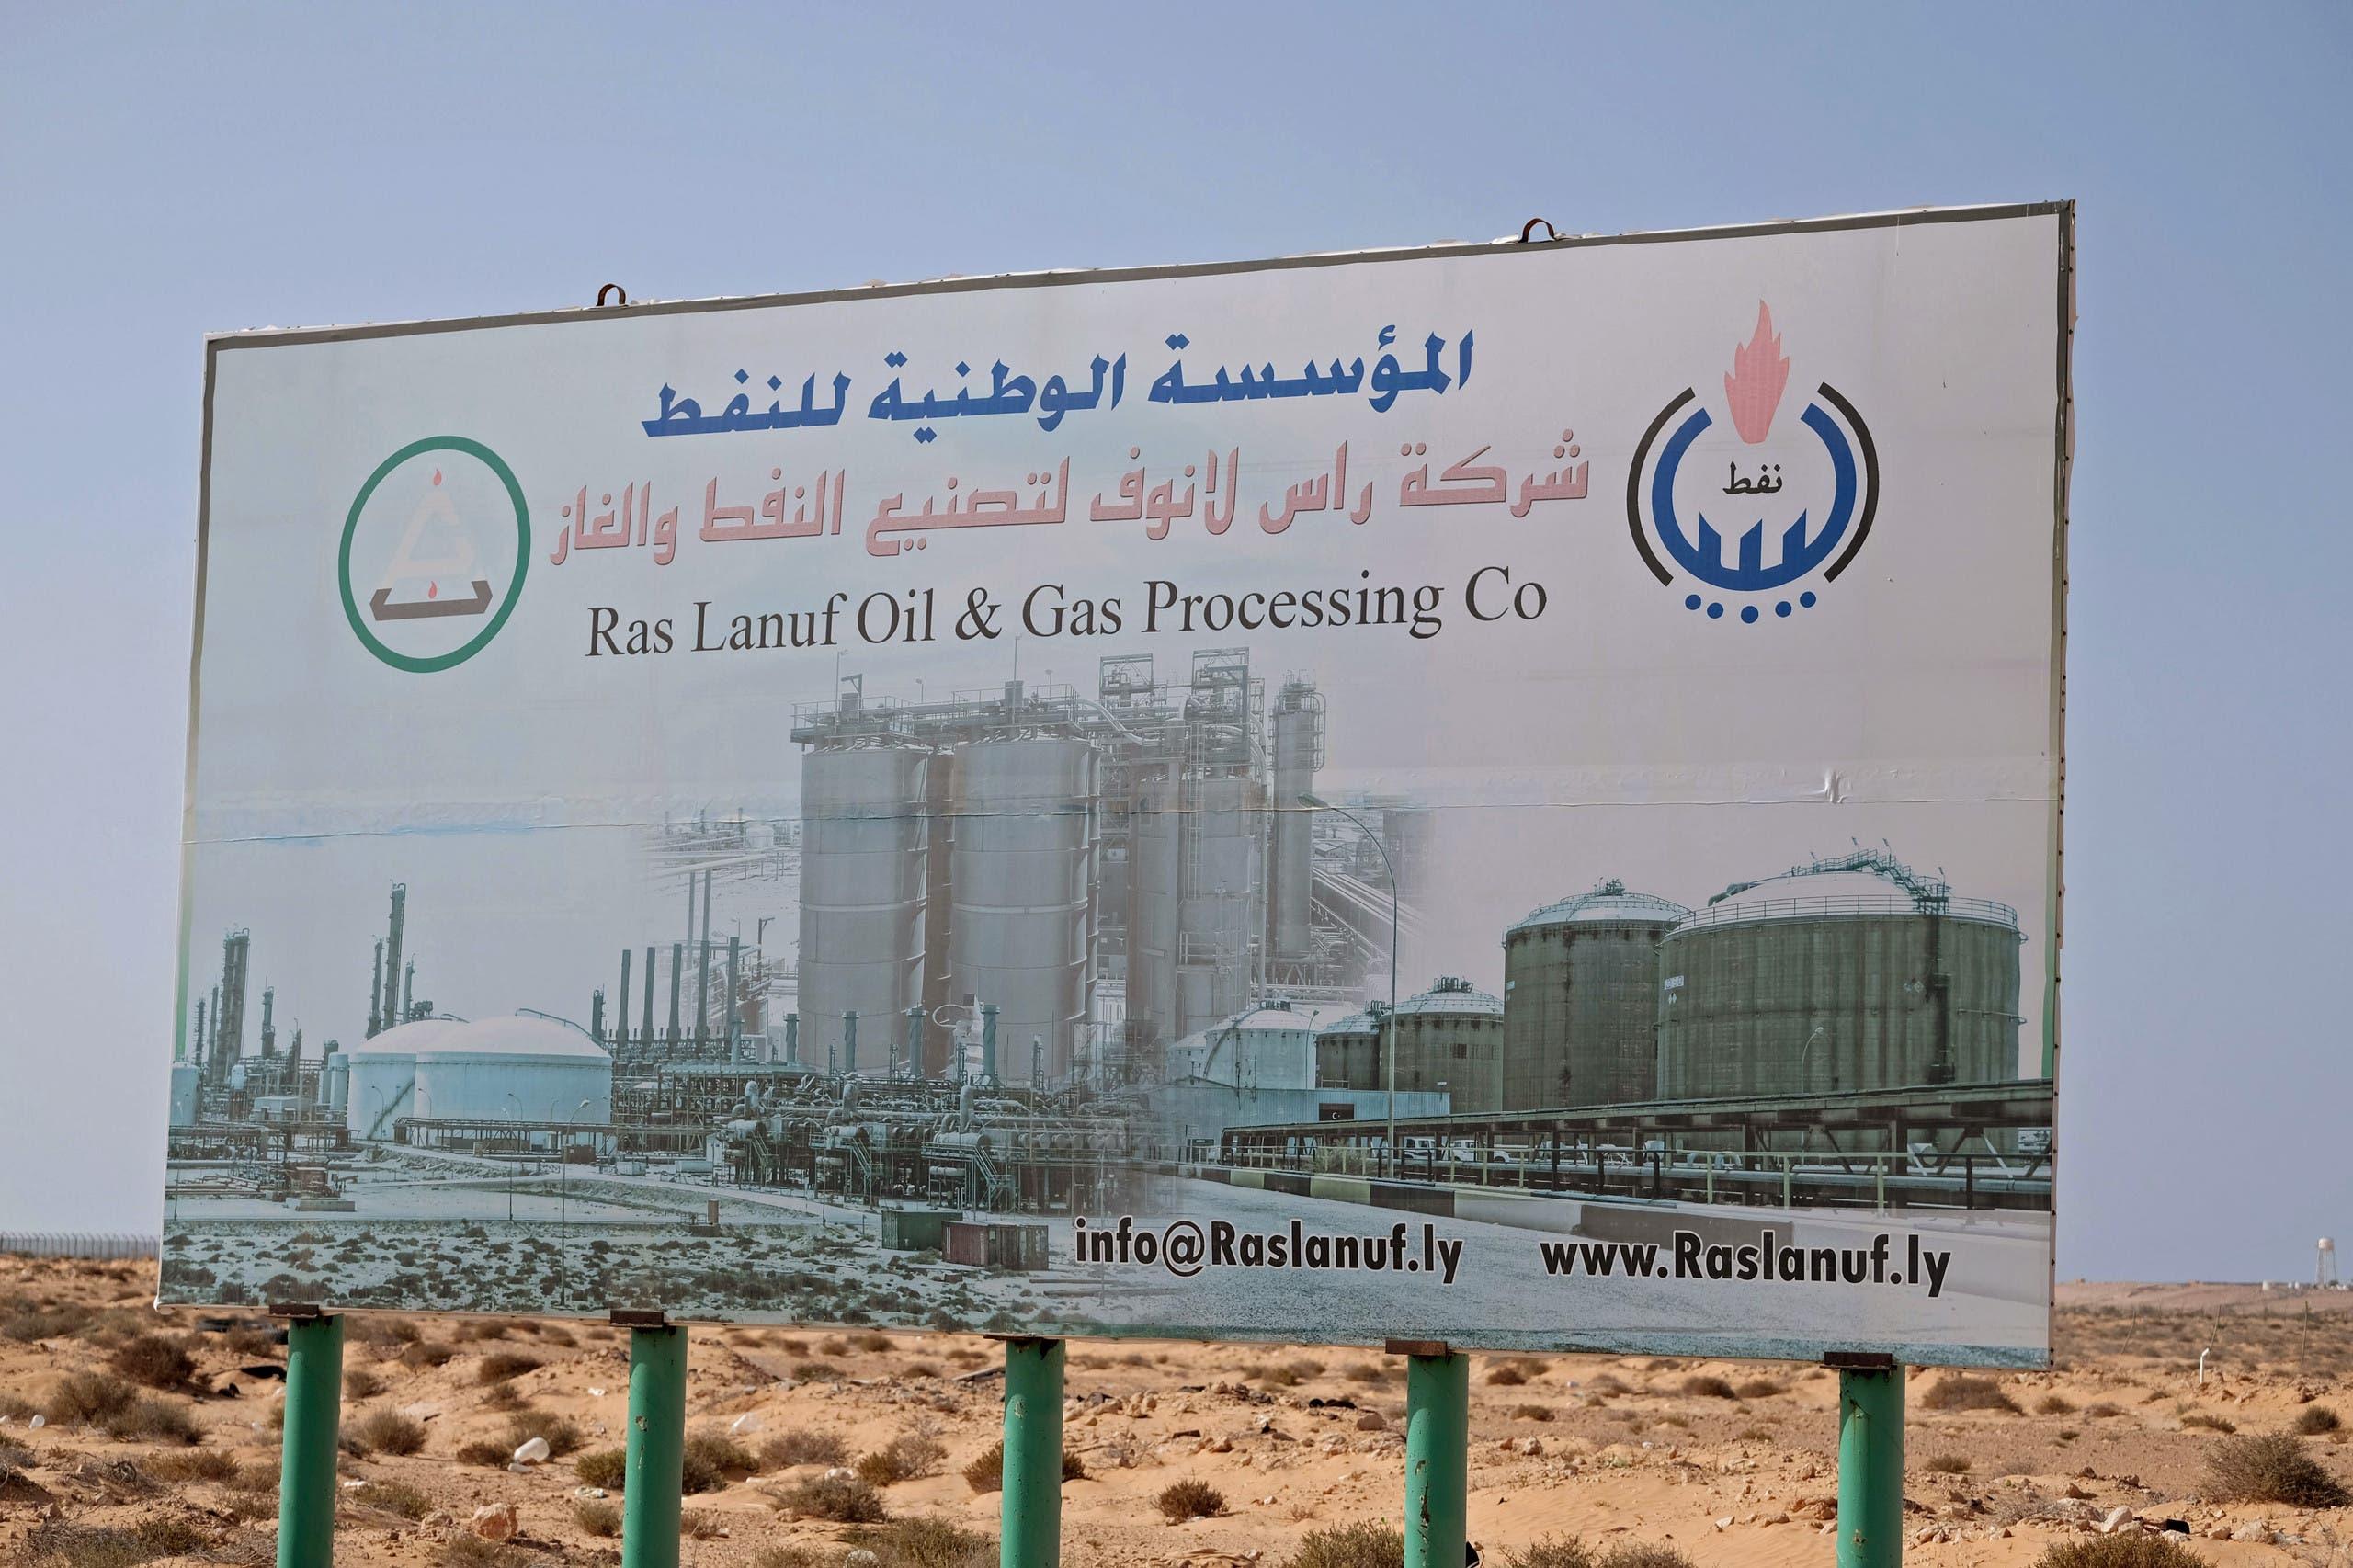 من ميناء رأس لانوف النفطي شرق ليبيا